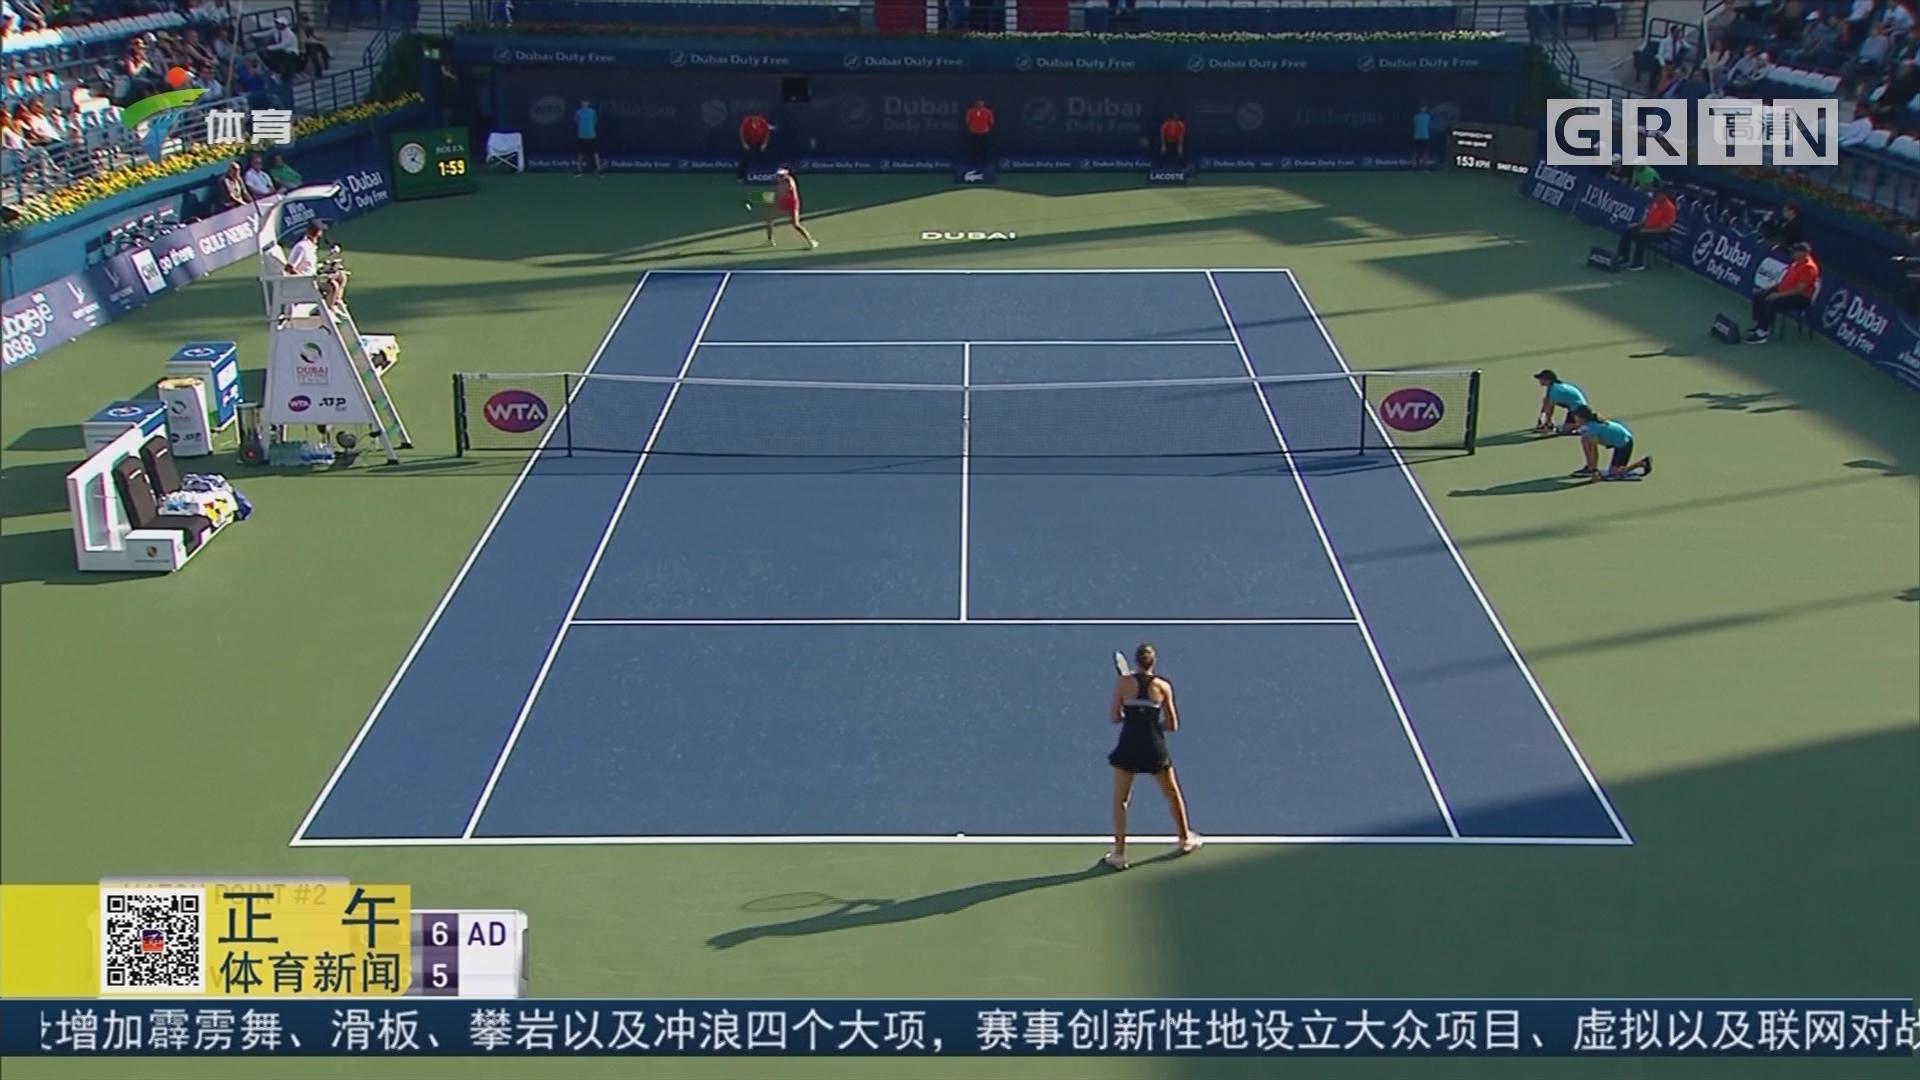 WTA迪拜赛 谢淑薇爆冷力克普利斯科娃